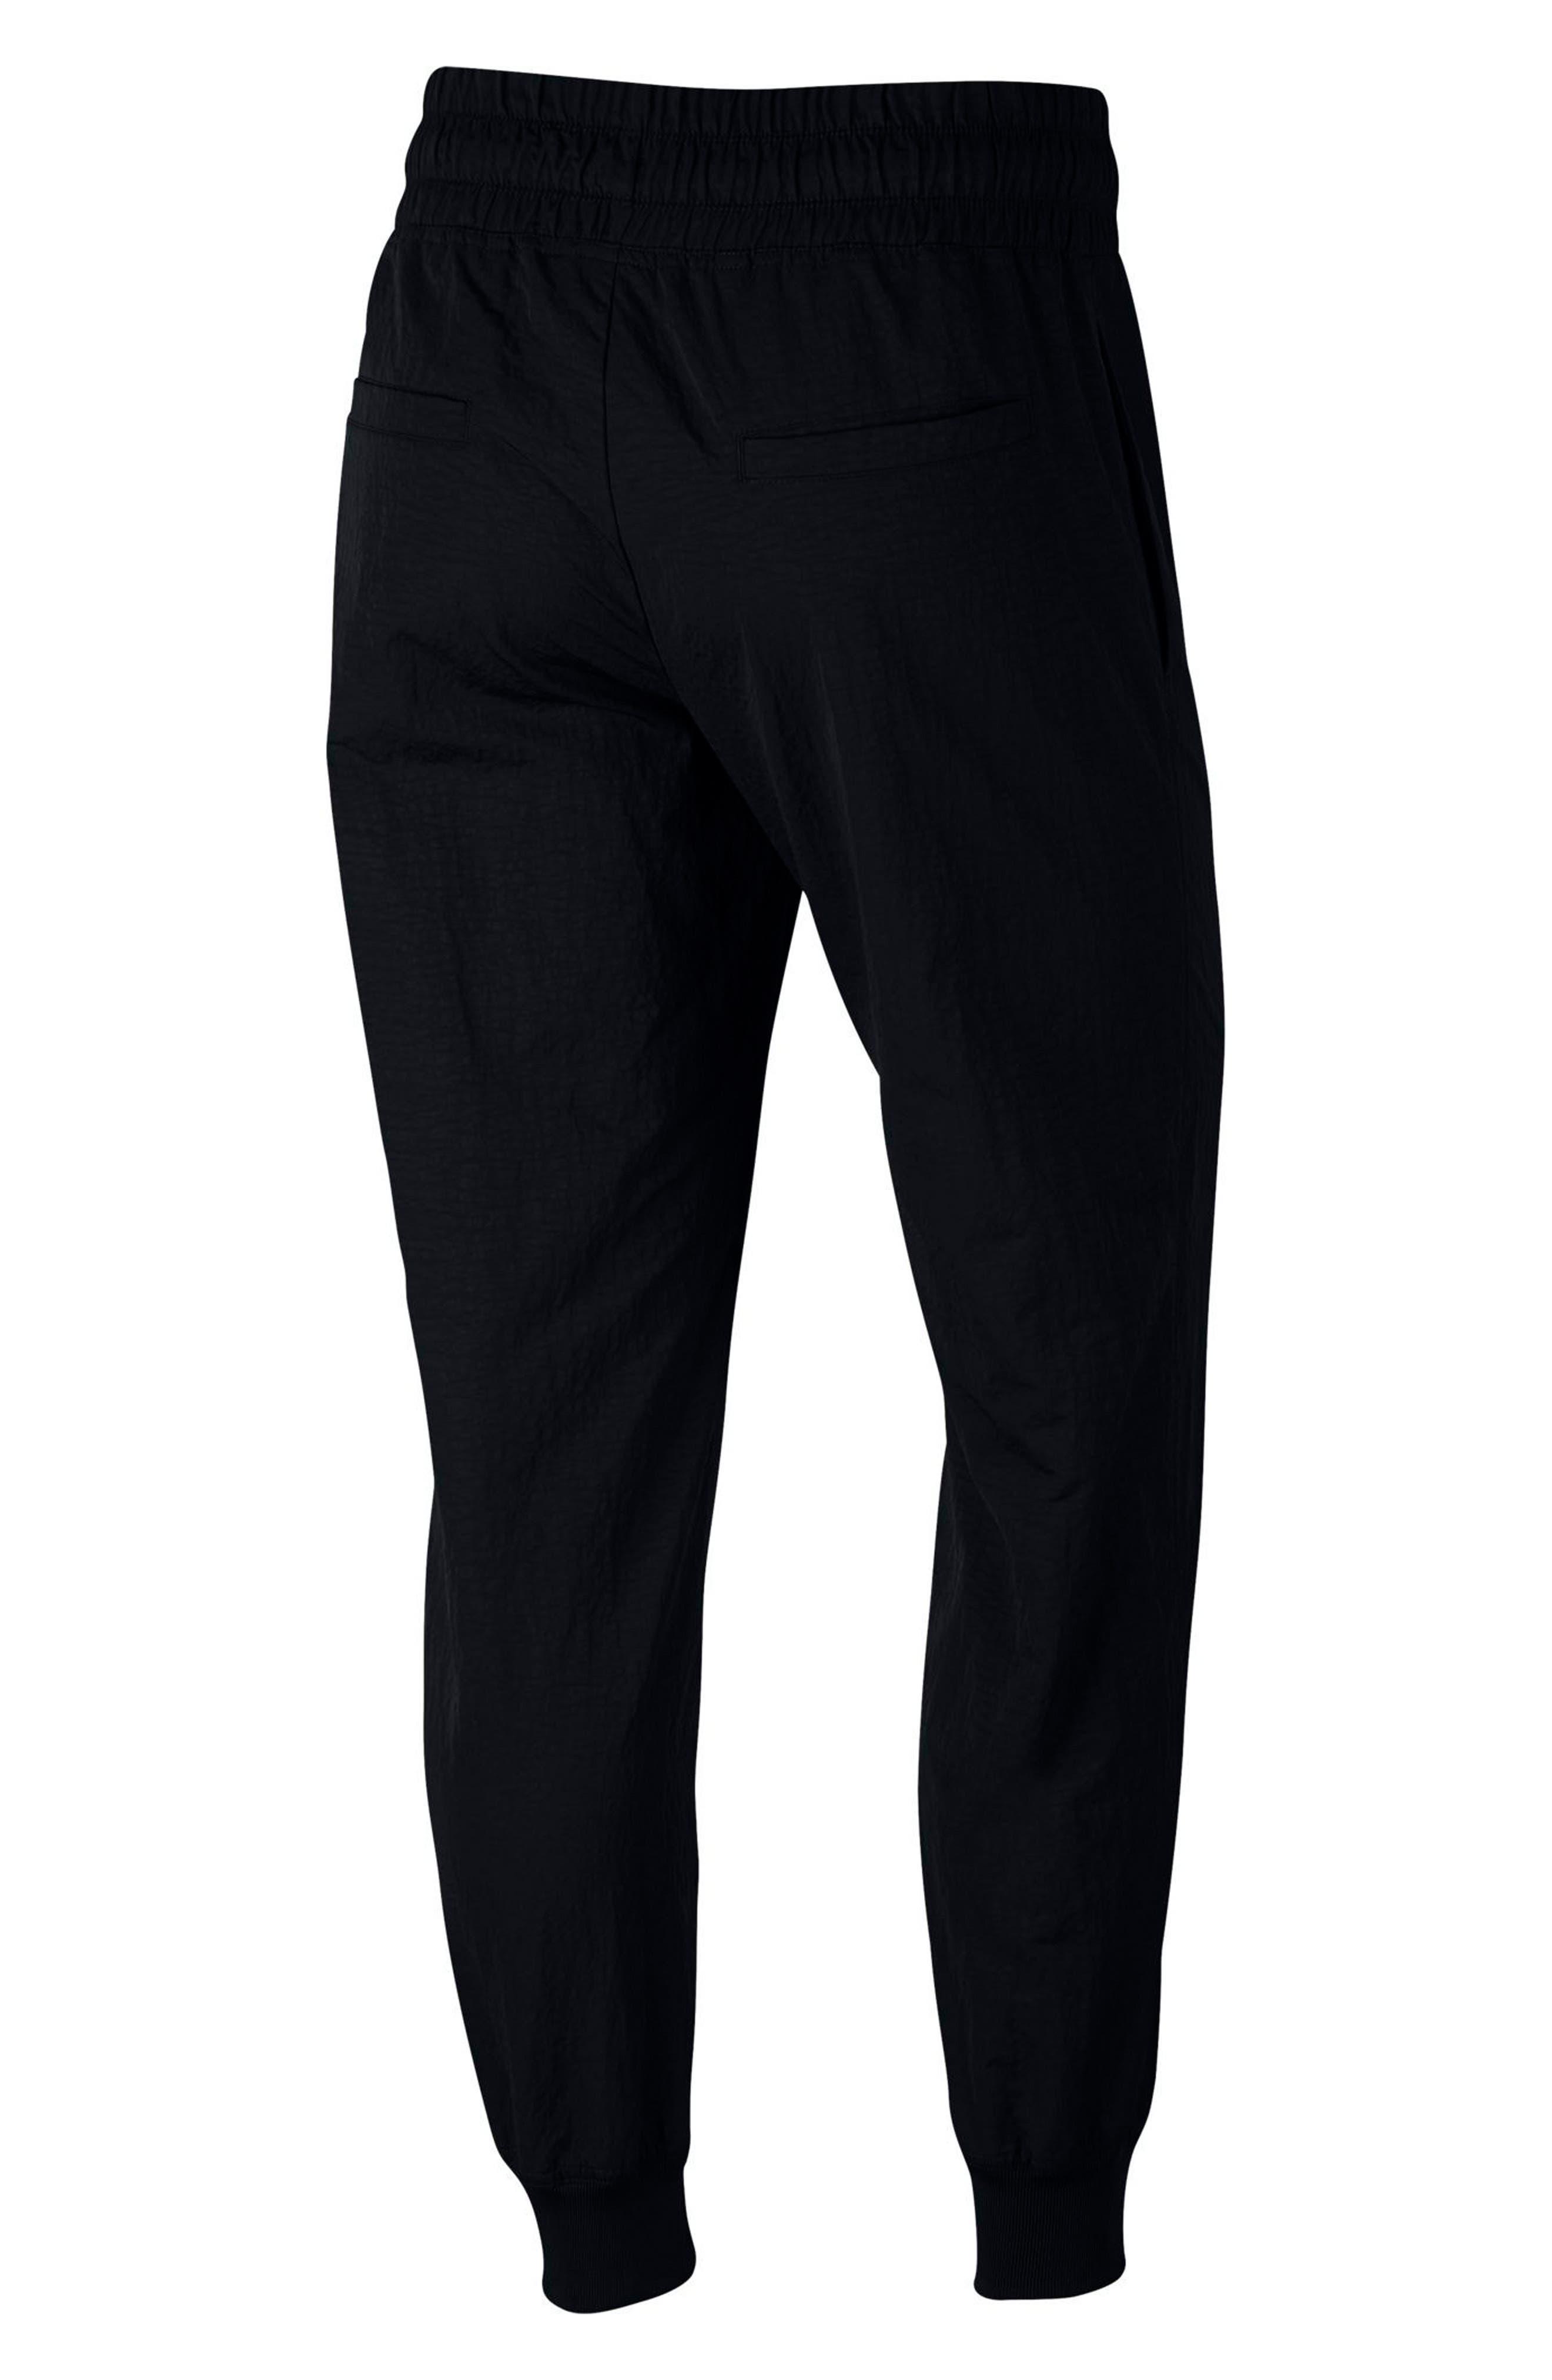 Nike Air Drawstring Sweatpants